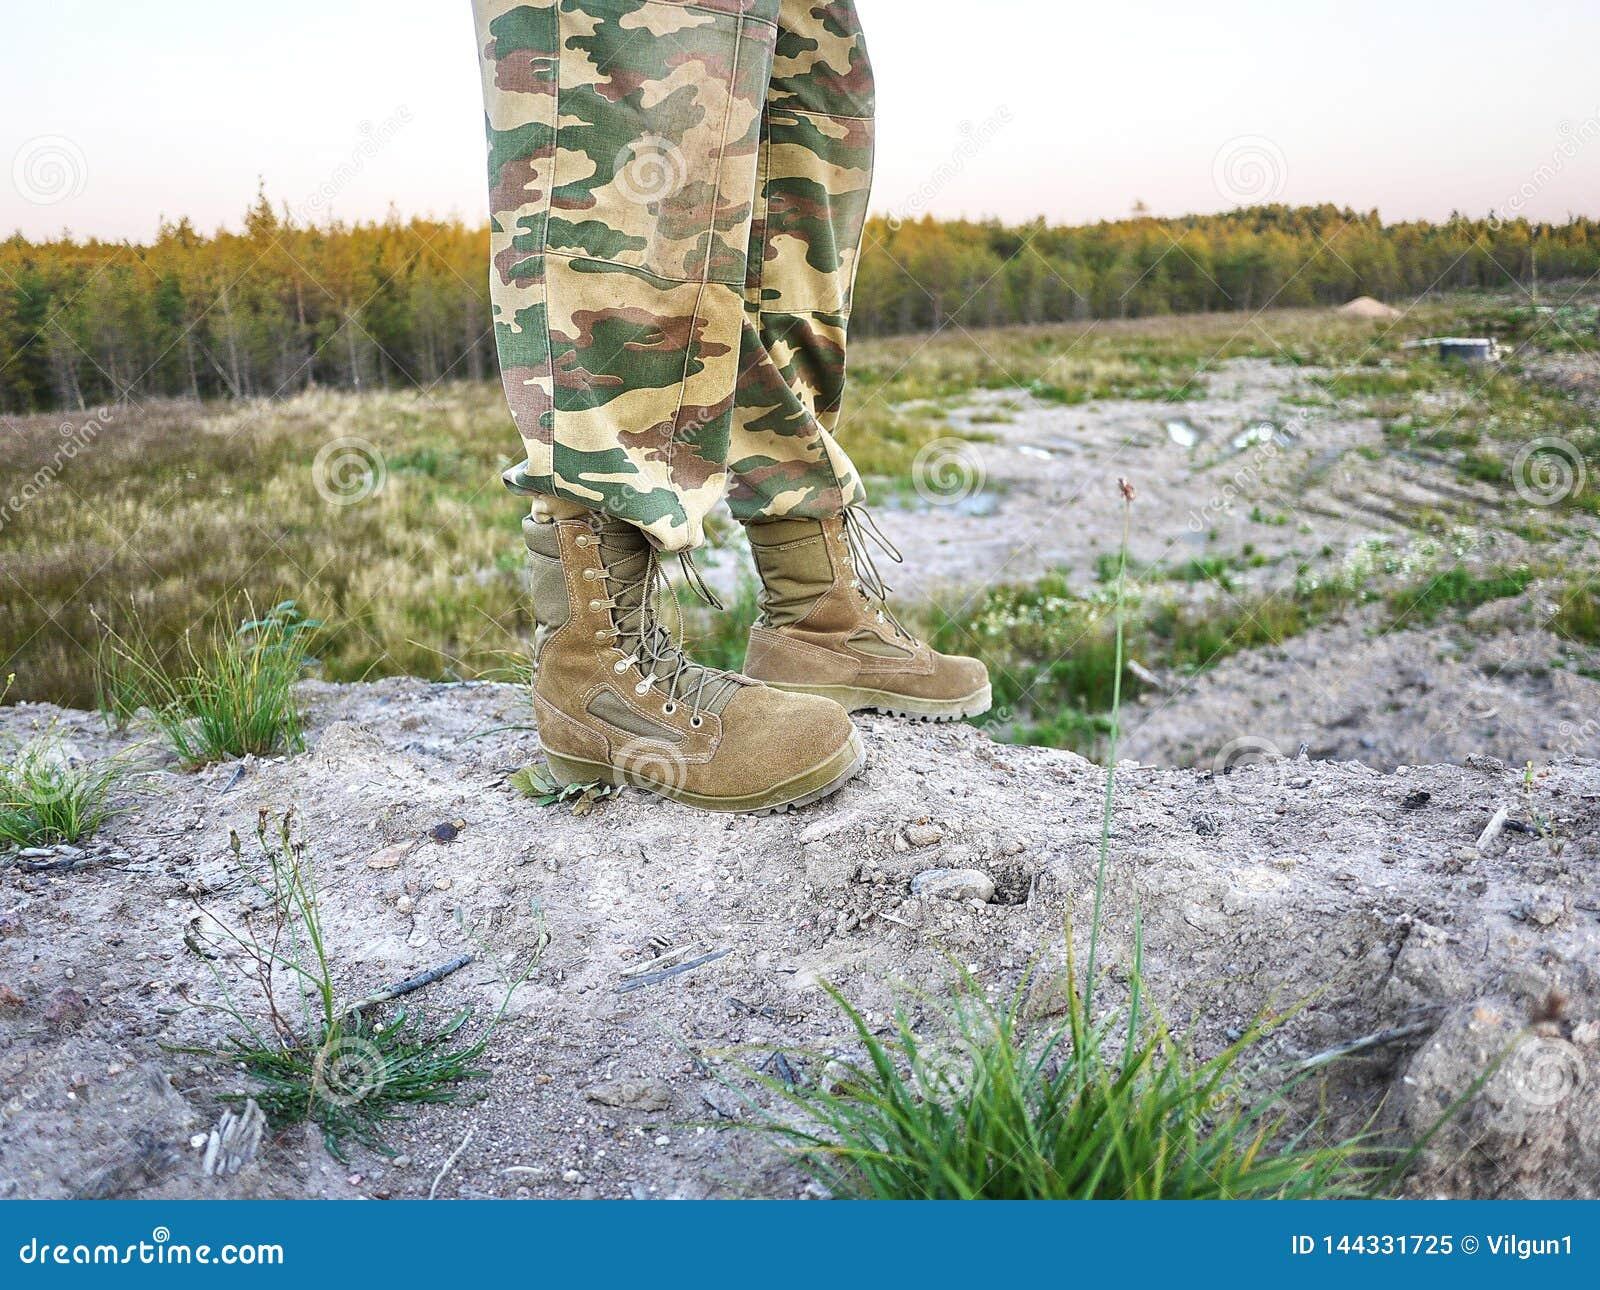 Militaire laarzen voor mensen Worden gebruikt voor materiaal en speciale strijdkrachten details